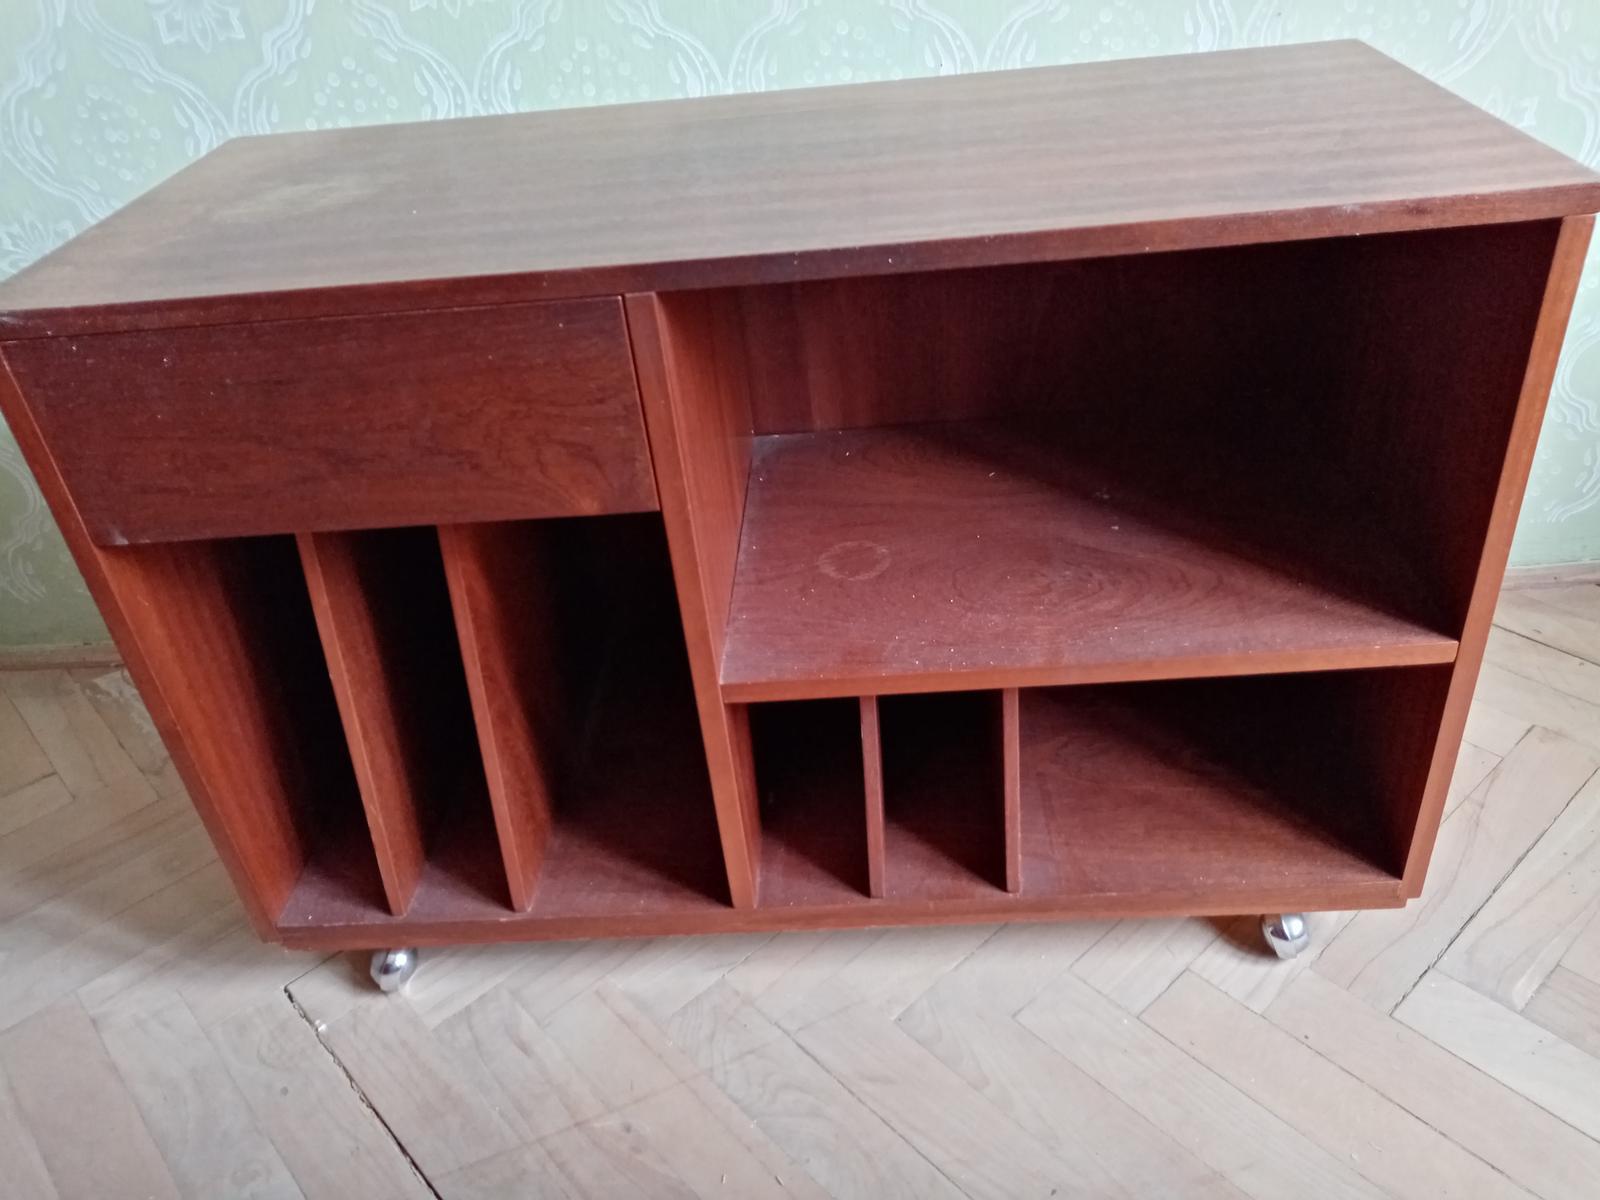 Vintage stolík pod TV - Obrázok č. 1